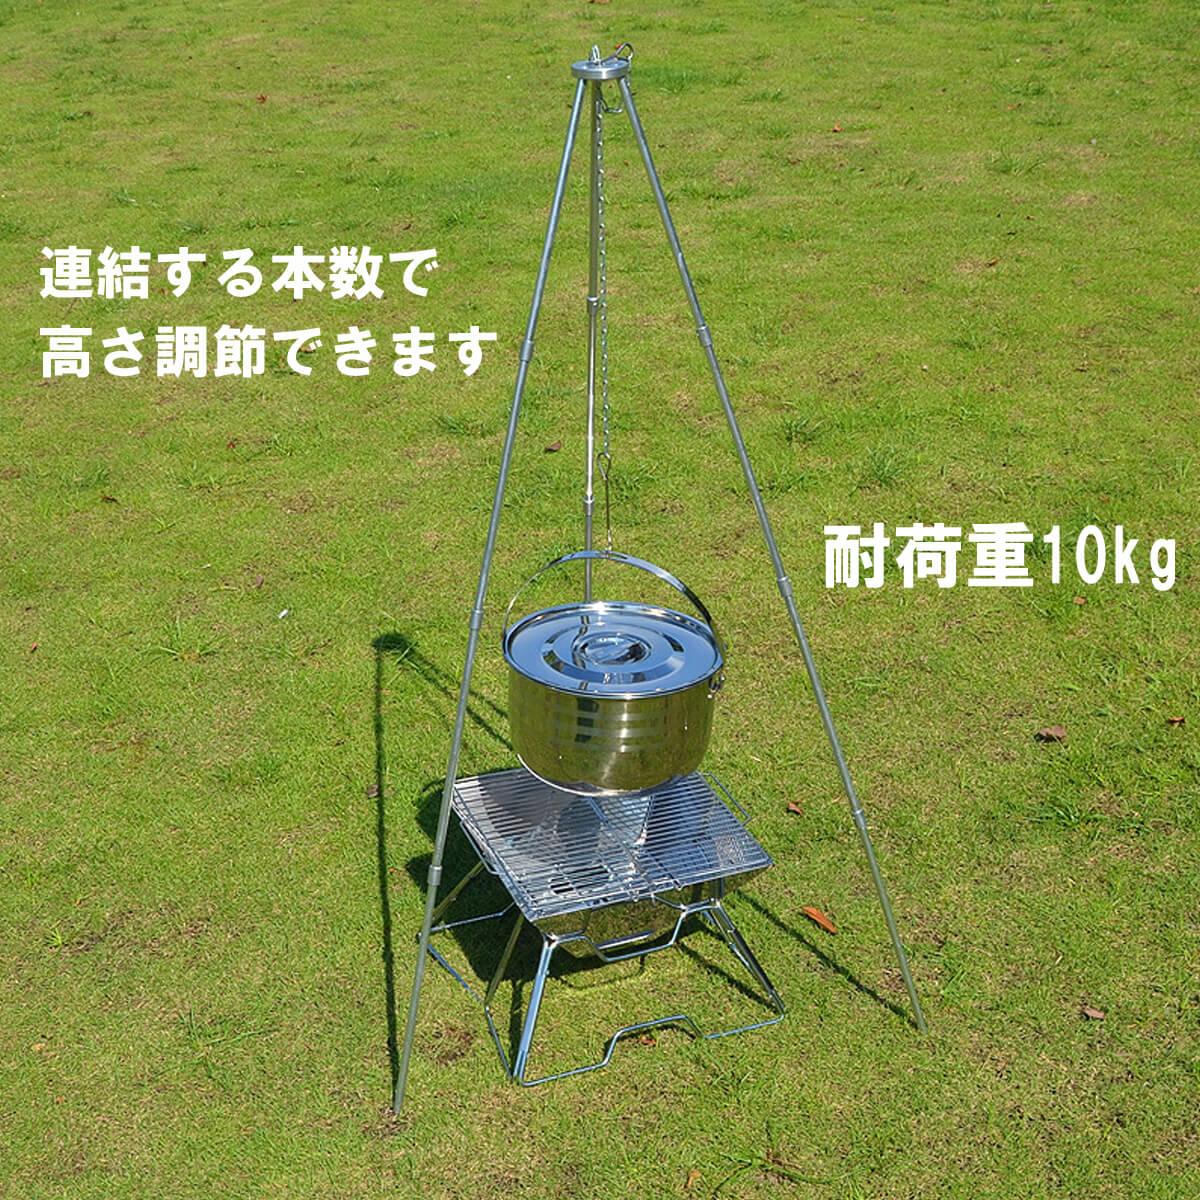 組み立て式 トライポッド 耐荷重10KG